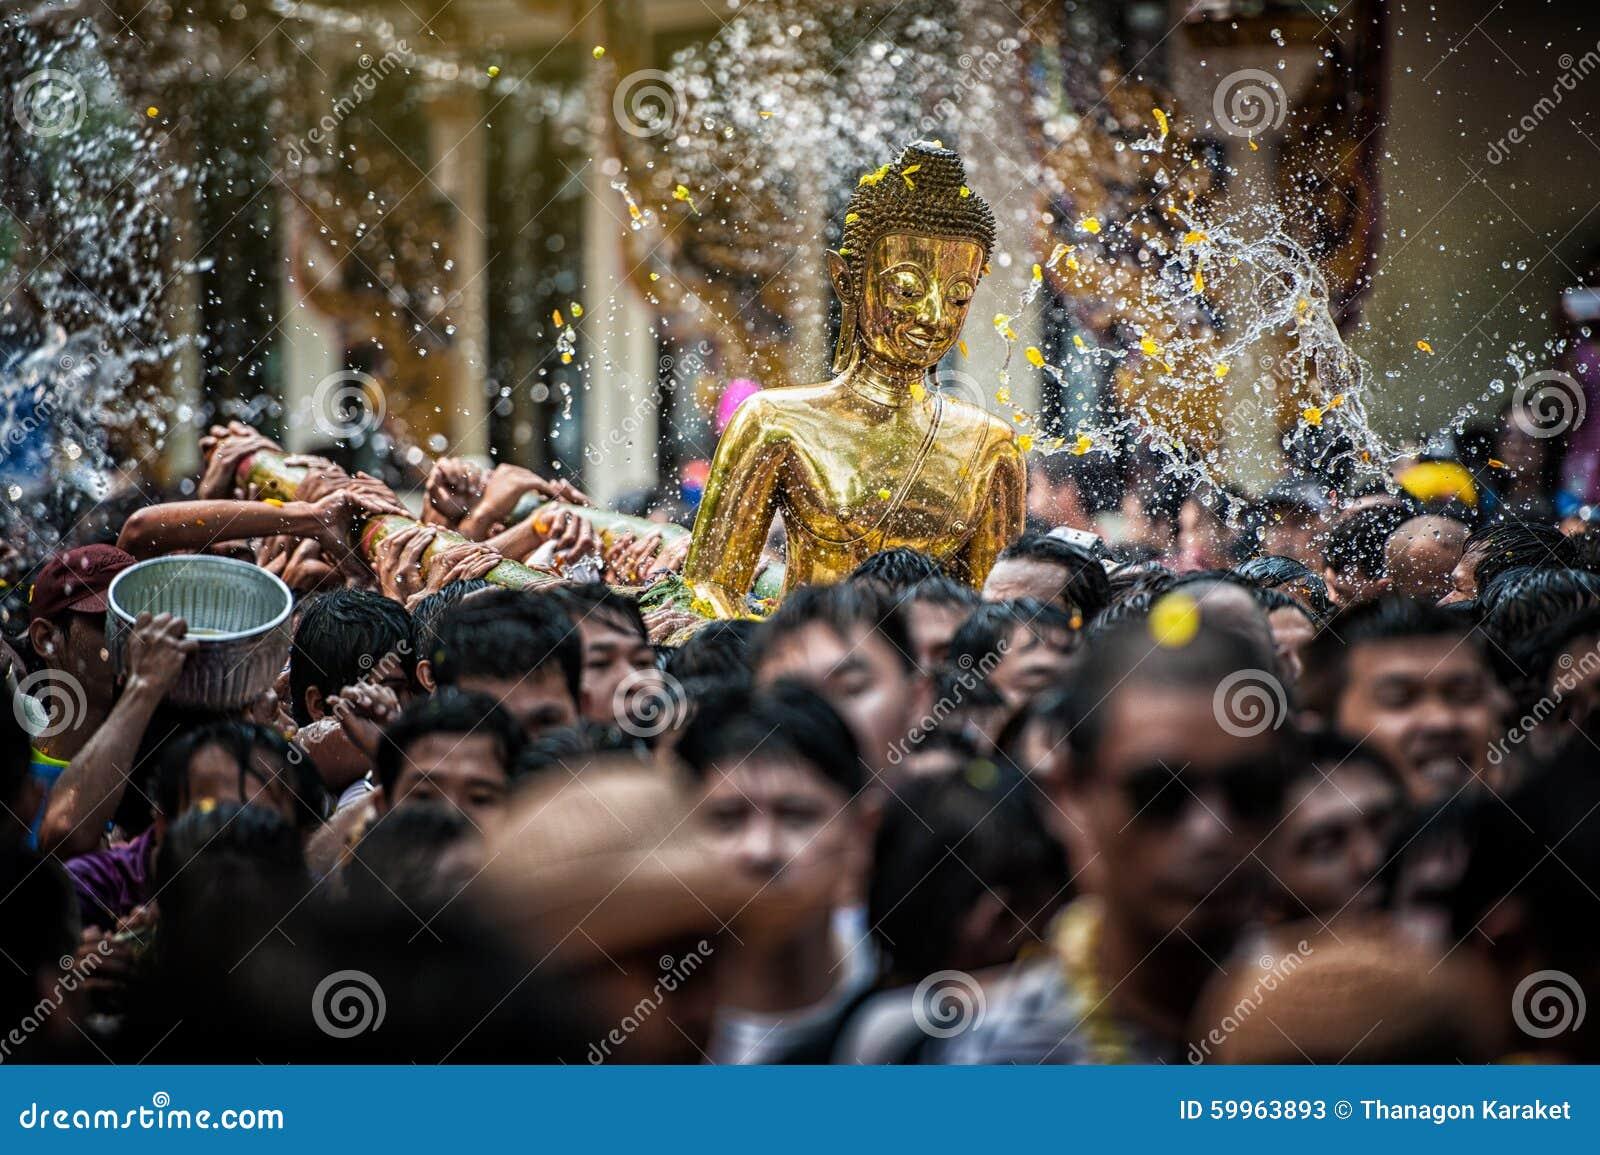 Nongkhai Thailand  city pictures gallery : NONGKHAI THAILAND APRIL 13: Songkran Festival, The people pour water ...